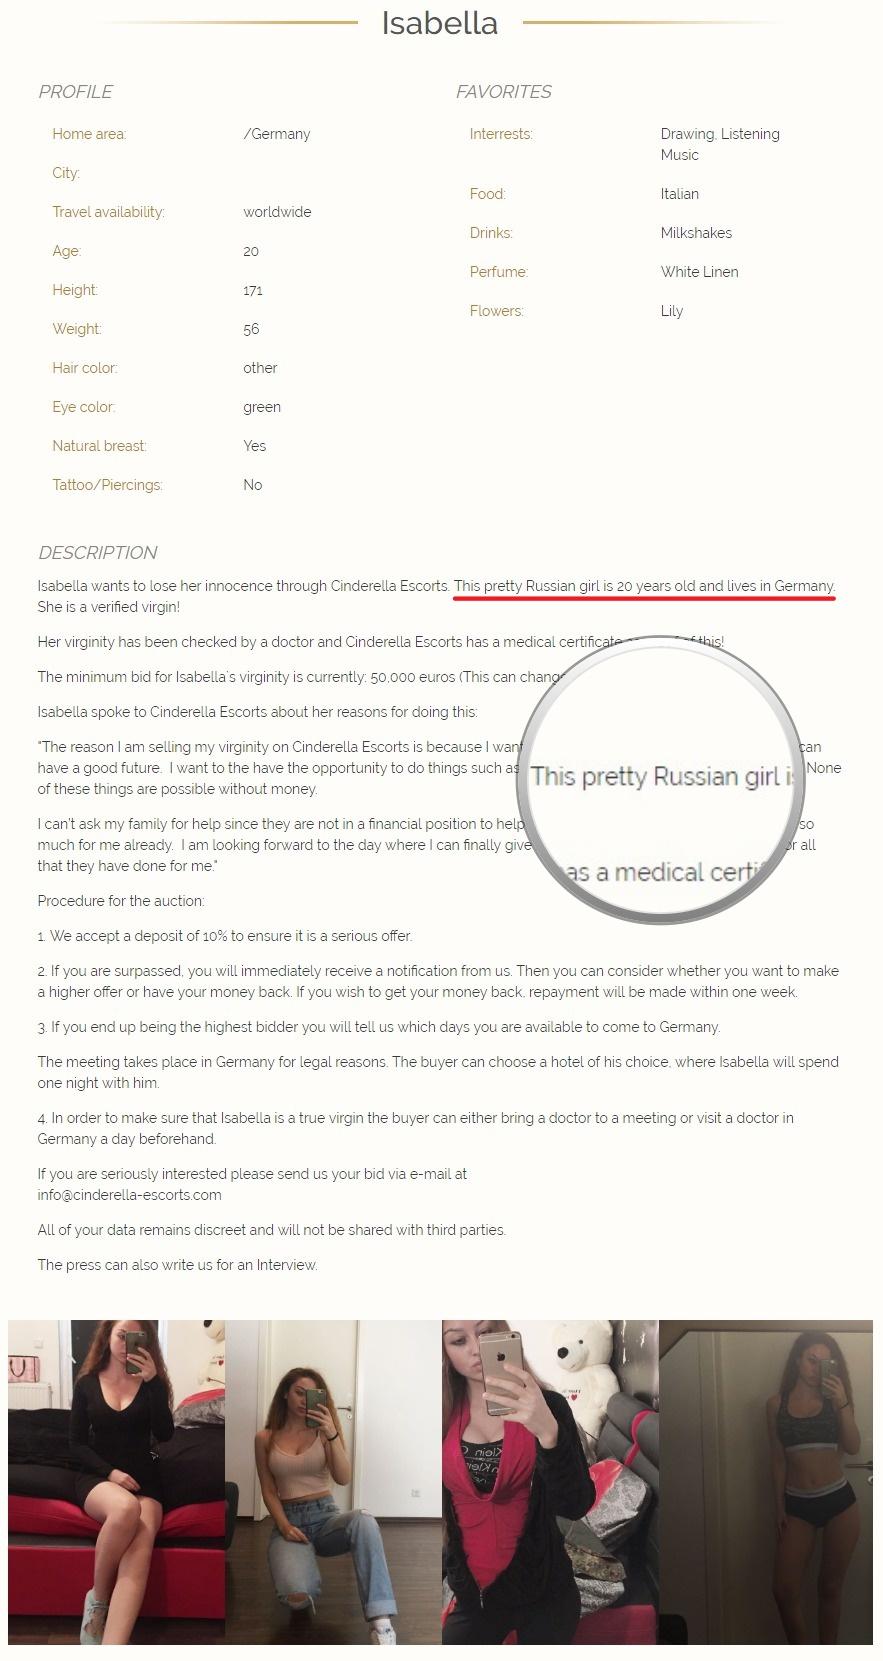 ιστοσελίδες γνωριμιών στο κρεβατφορντσάιρ